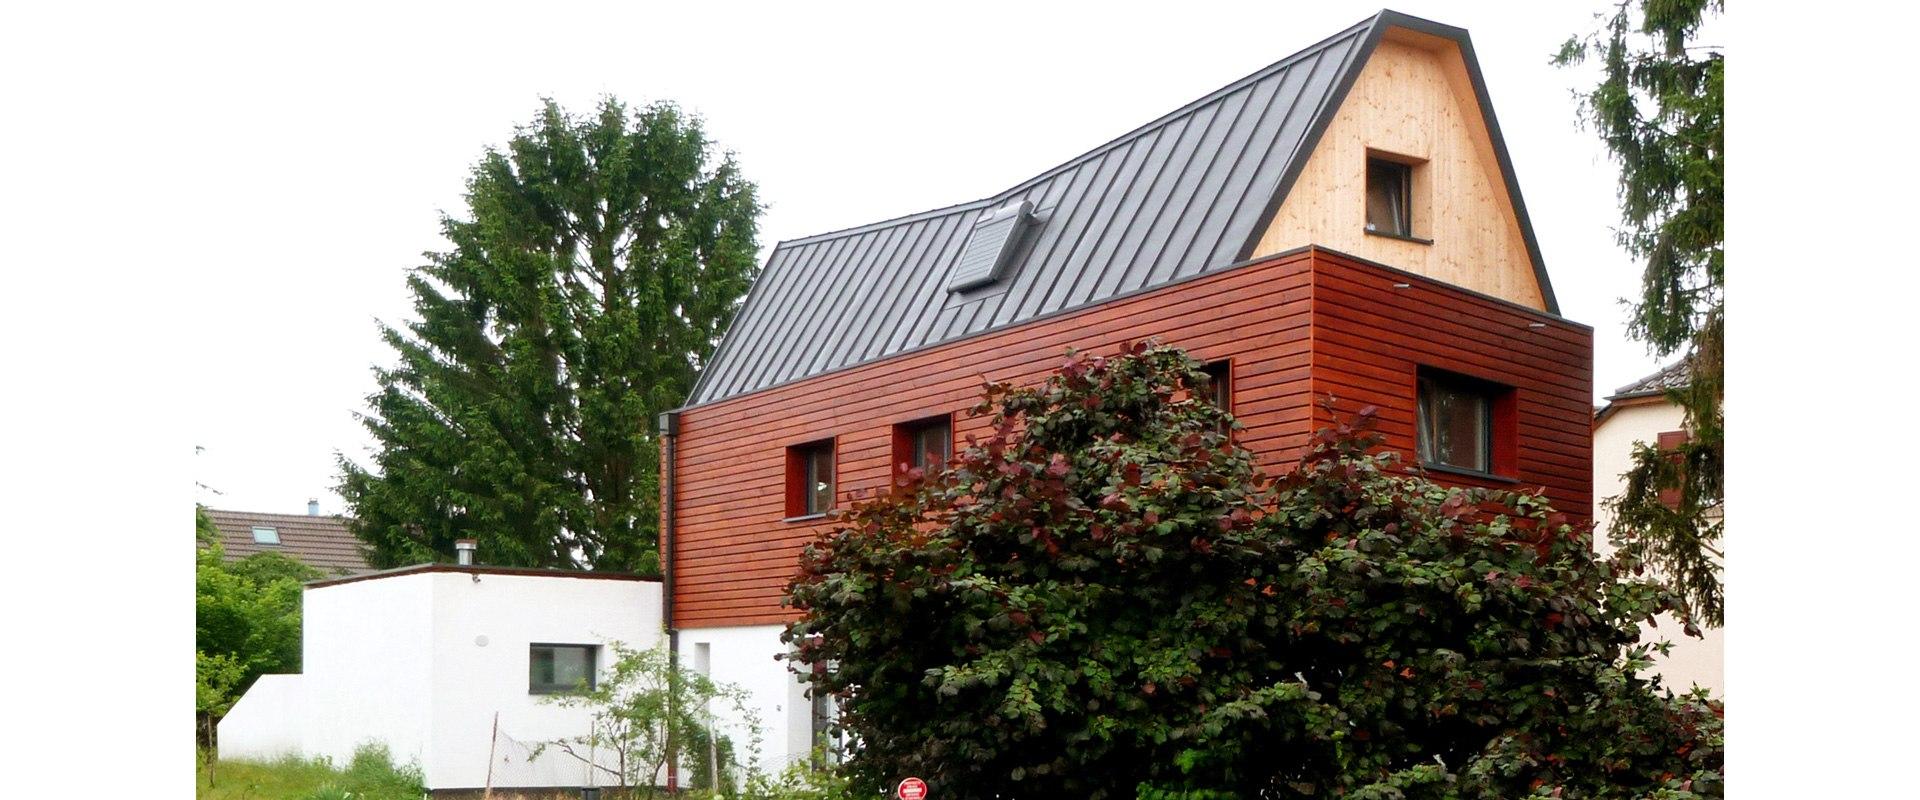 Maisons home conception colmar ventana blog - Maison prestige colmar ...